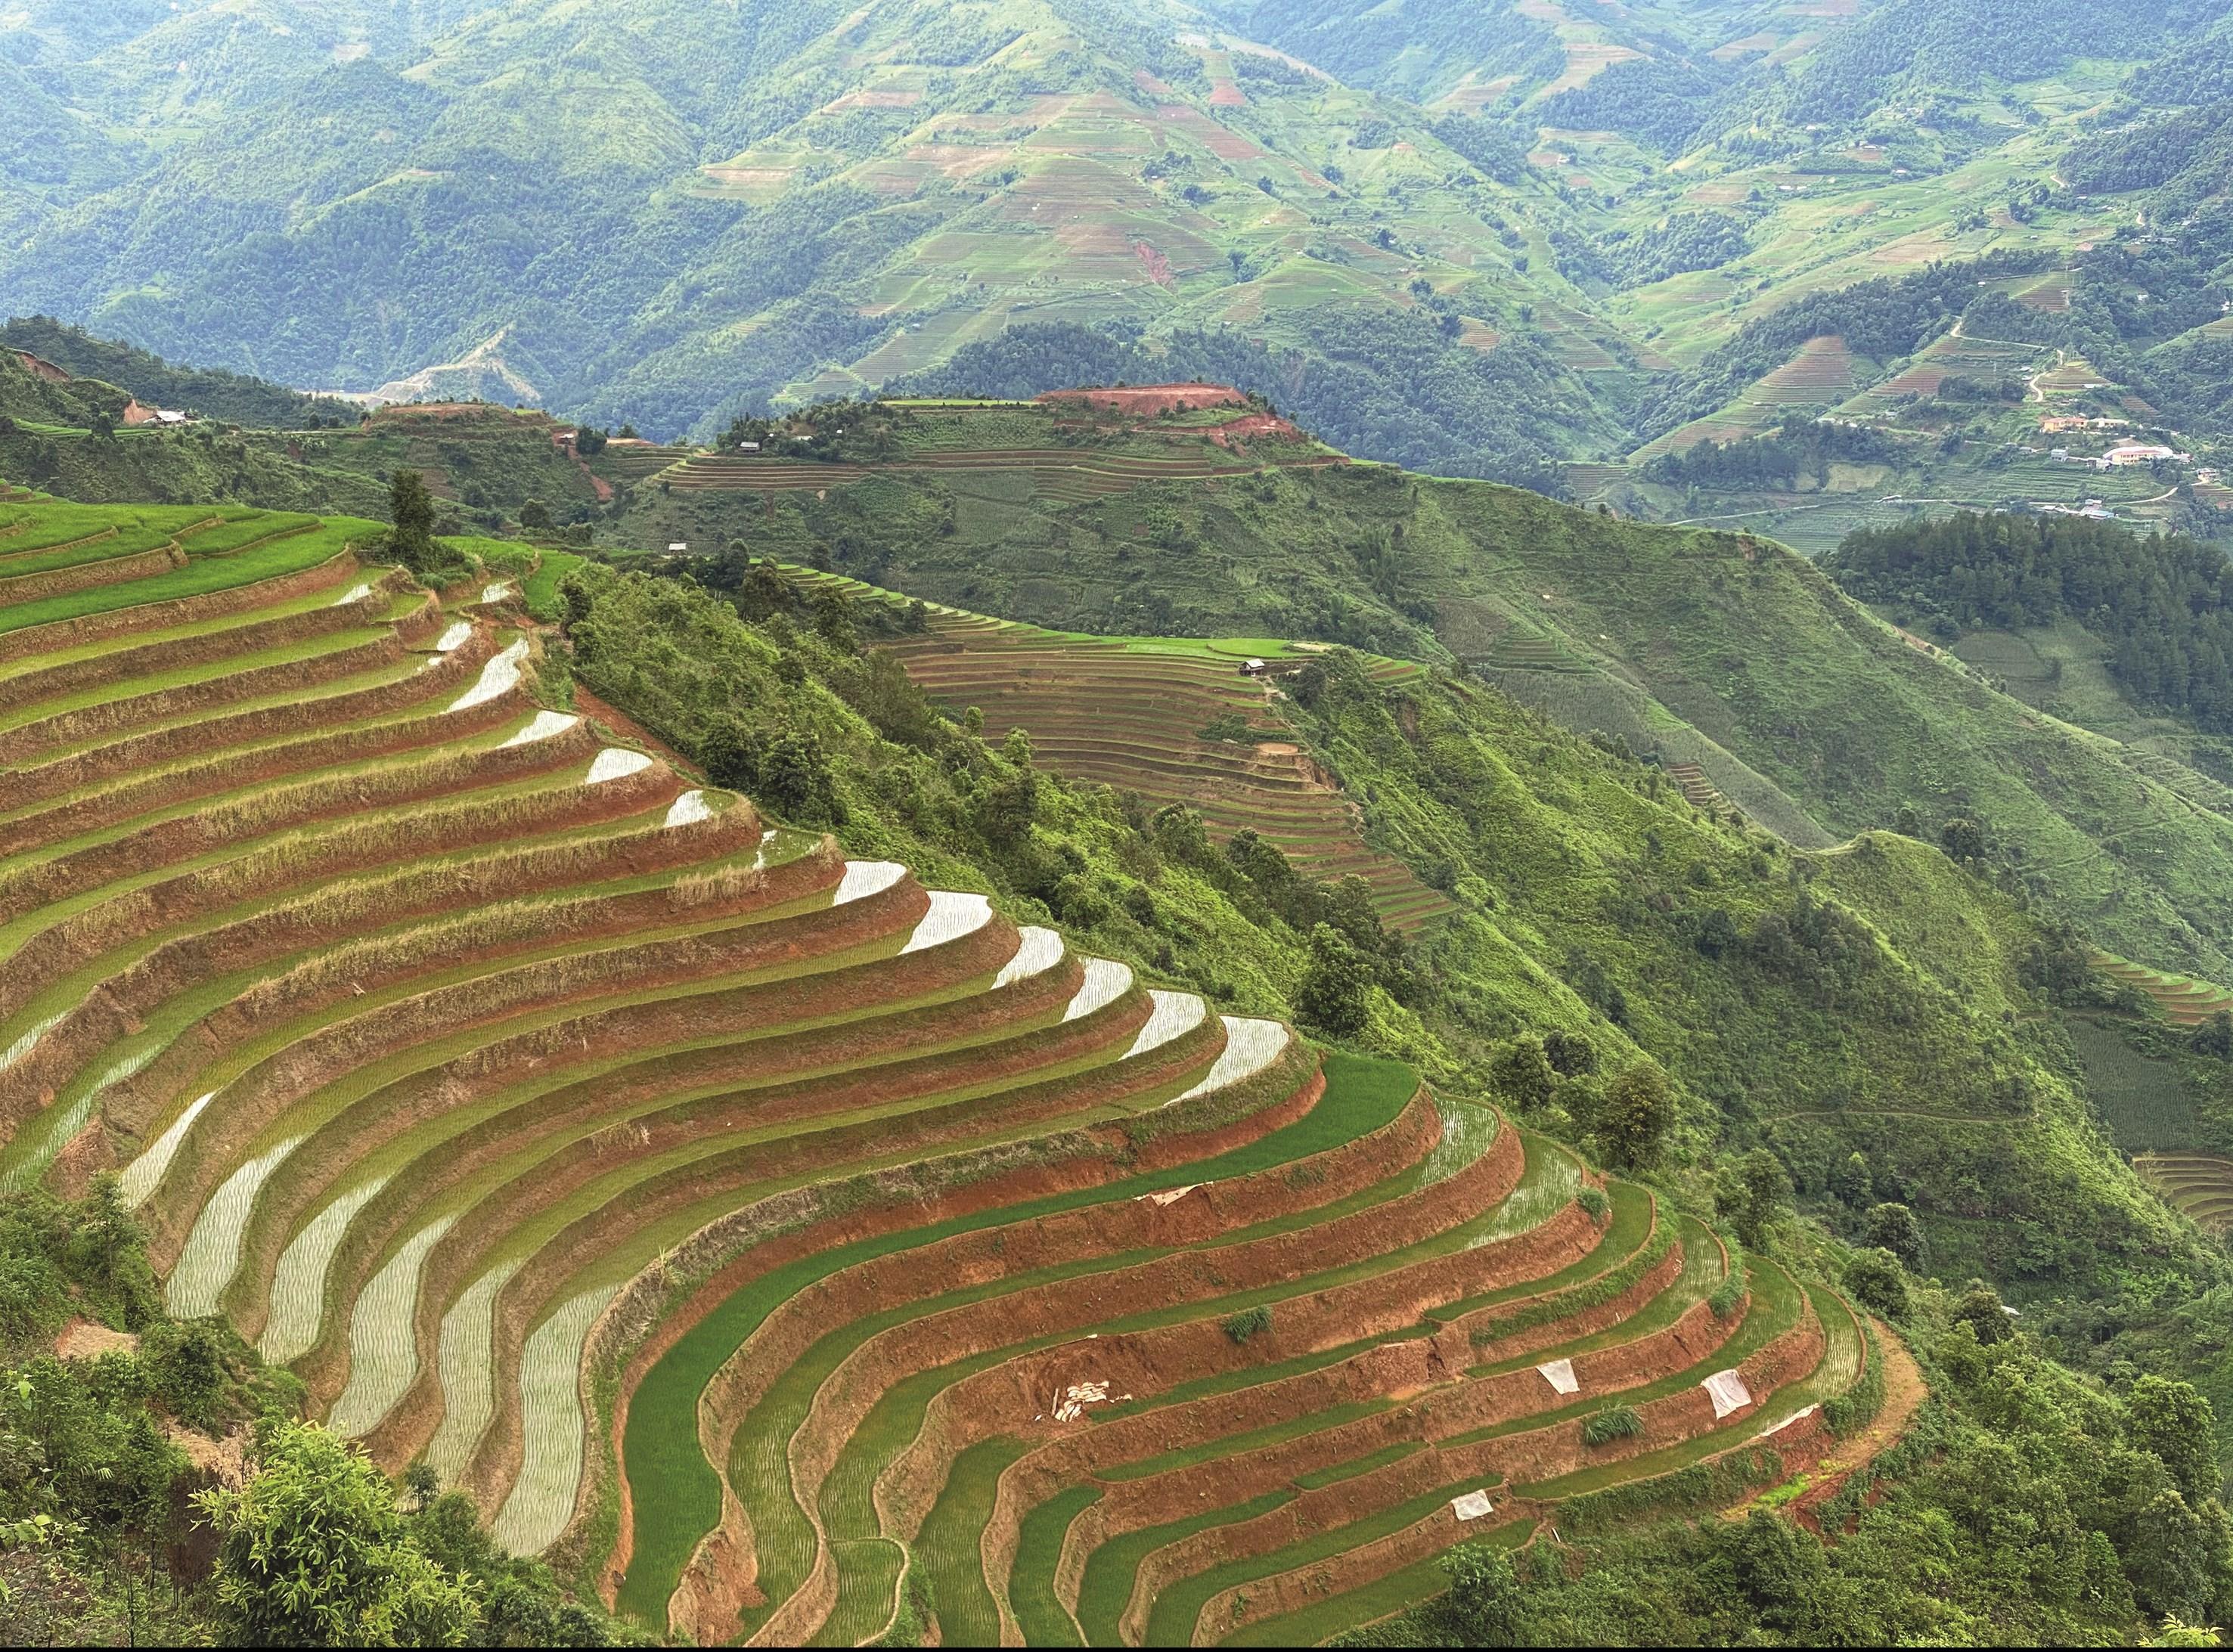 Thiên nhiên vùng cao Hà Giang. (Ảnh: Thanh Huyền)